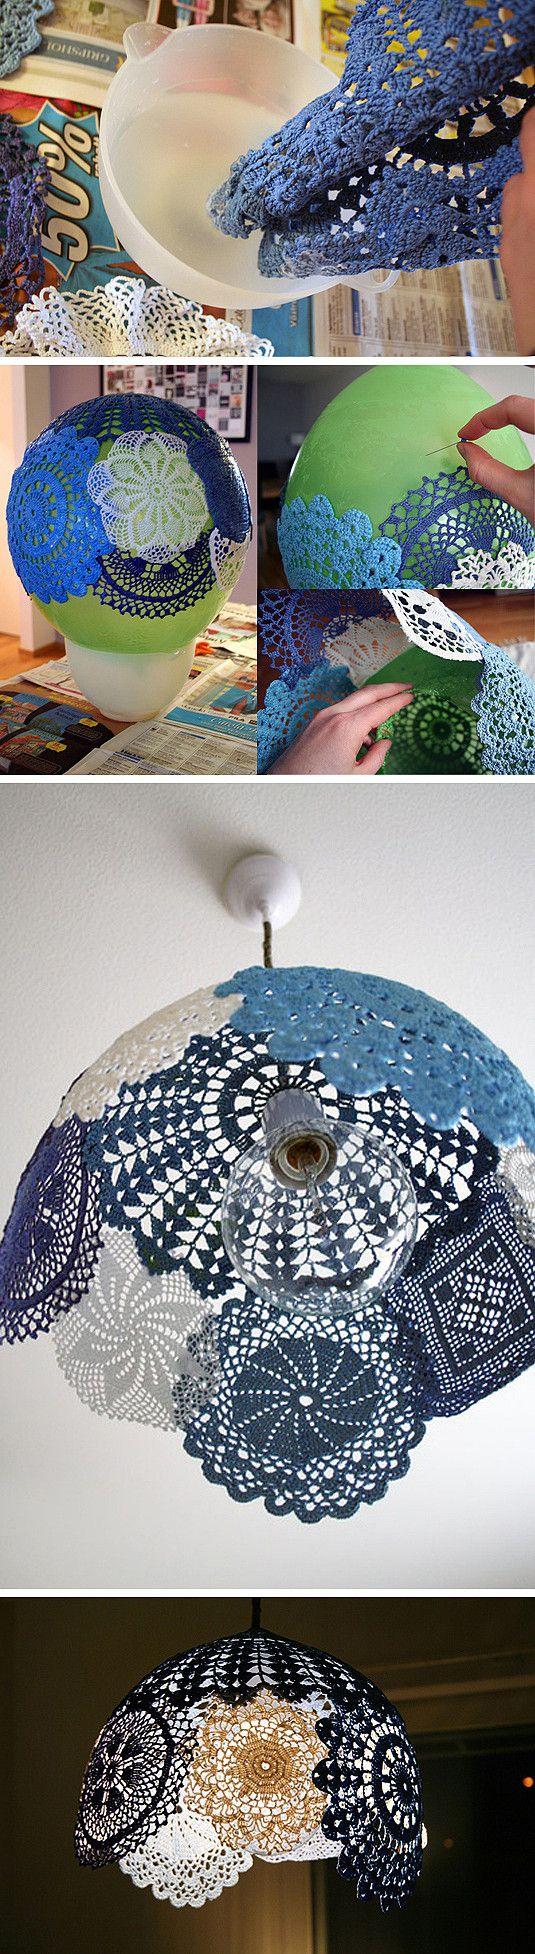 勾花 钩针 编织 家居生活 这个难度应该不小吧。。但挺漂亮的。。